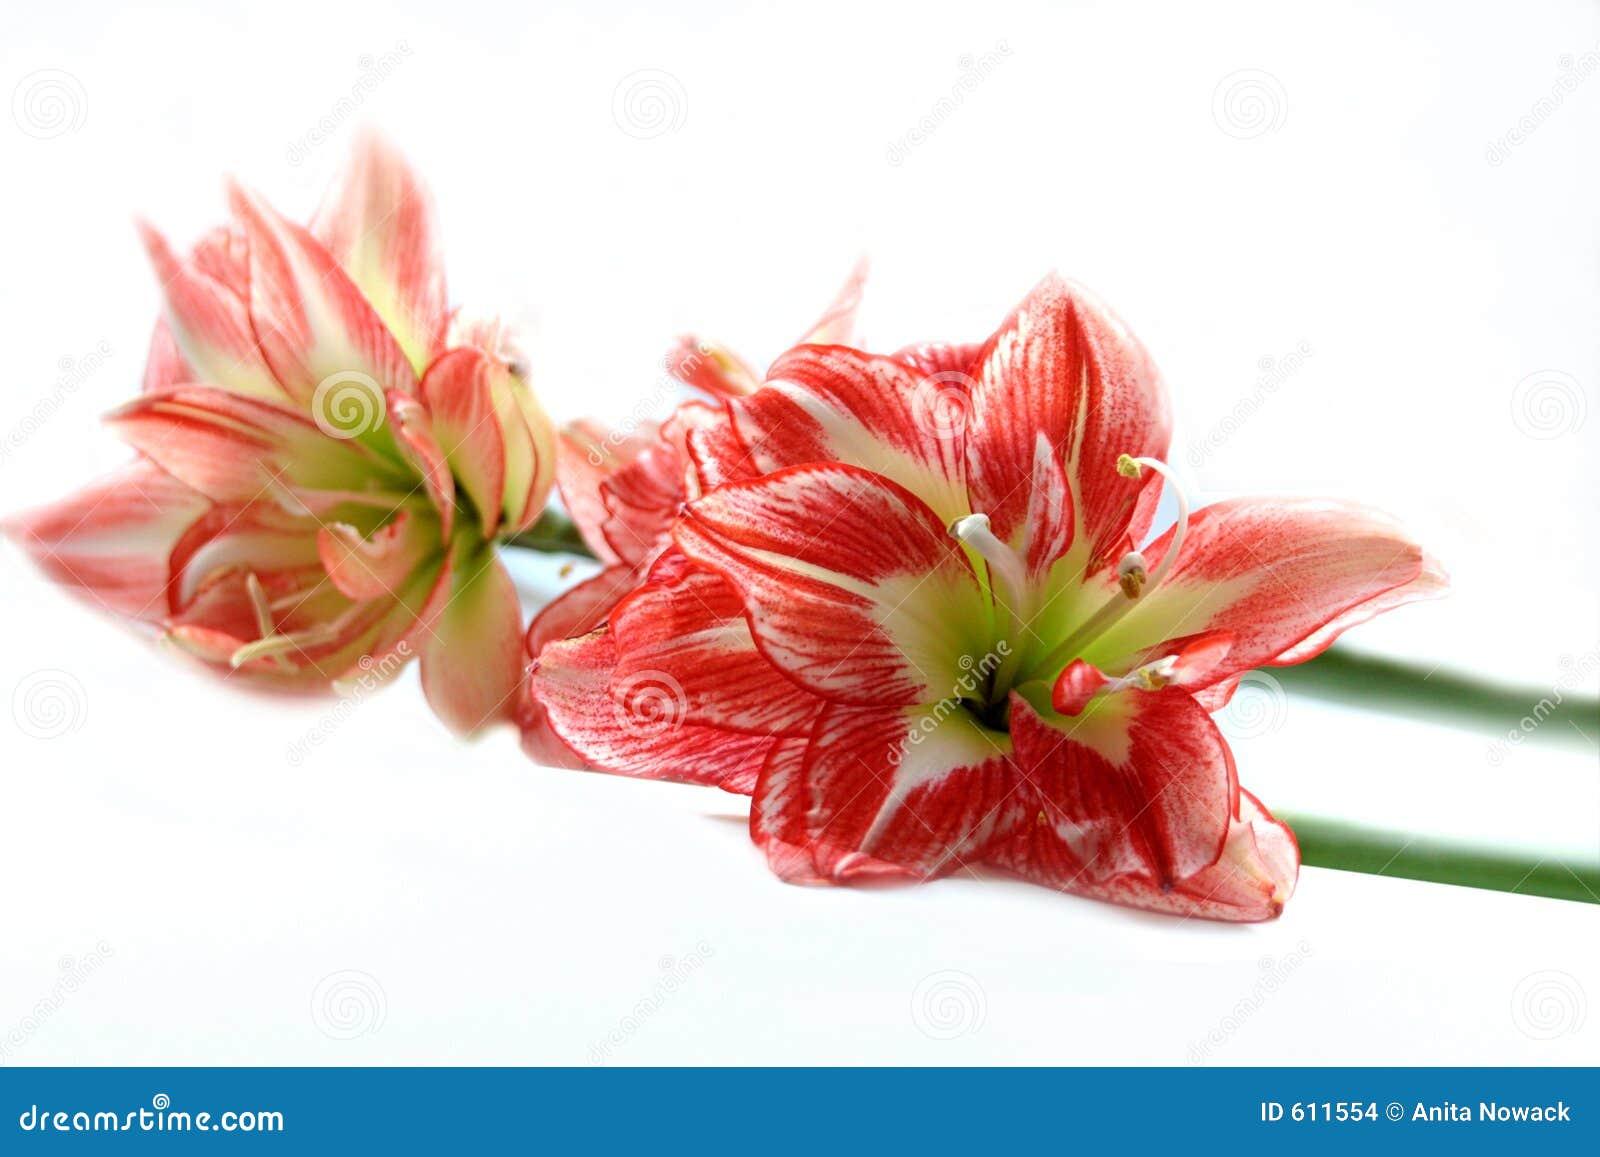 Spring Amaryllis